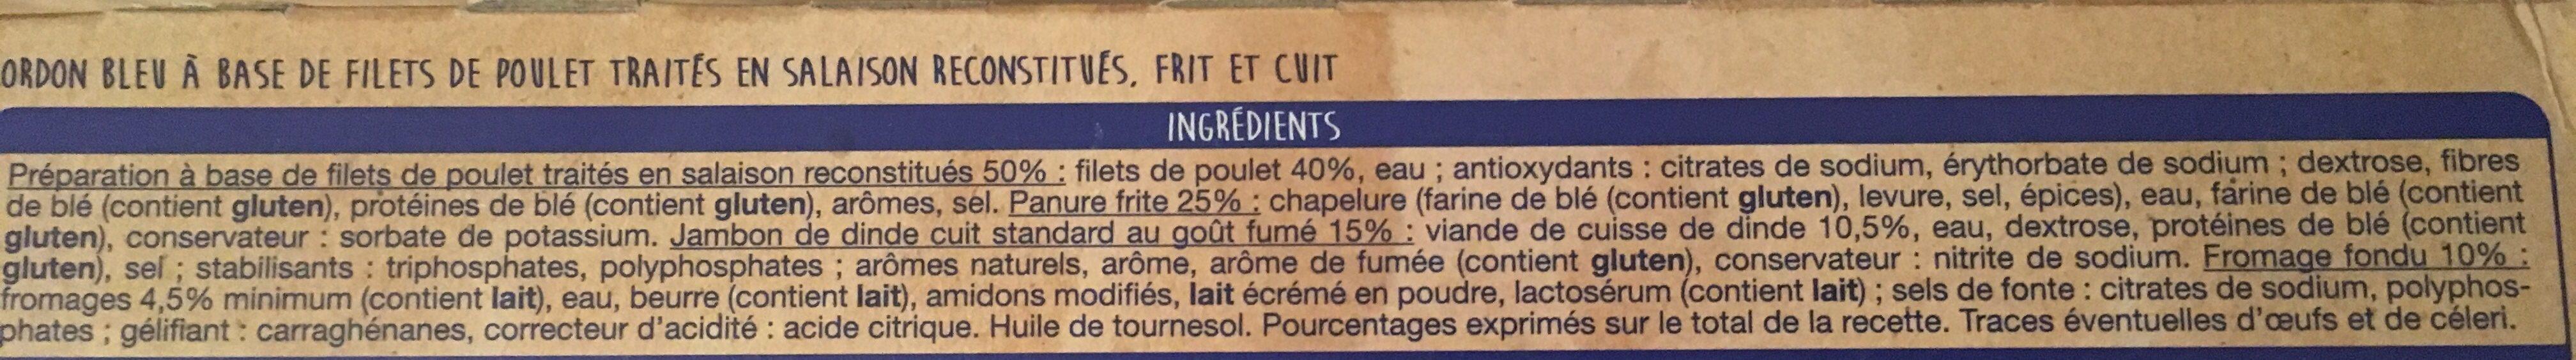 Cordon Bleu Poulet - Ingrediënten - fr